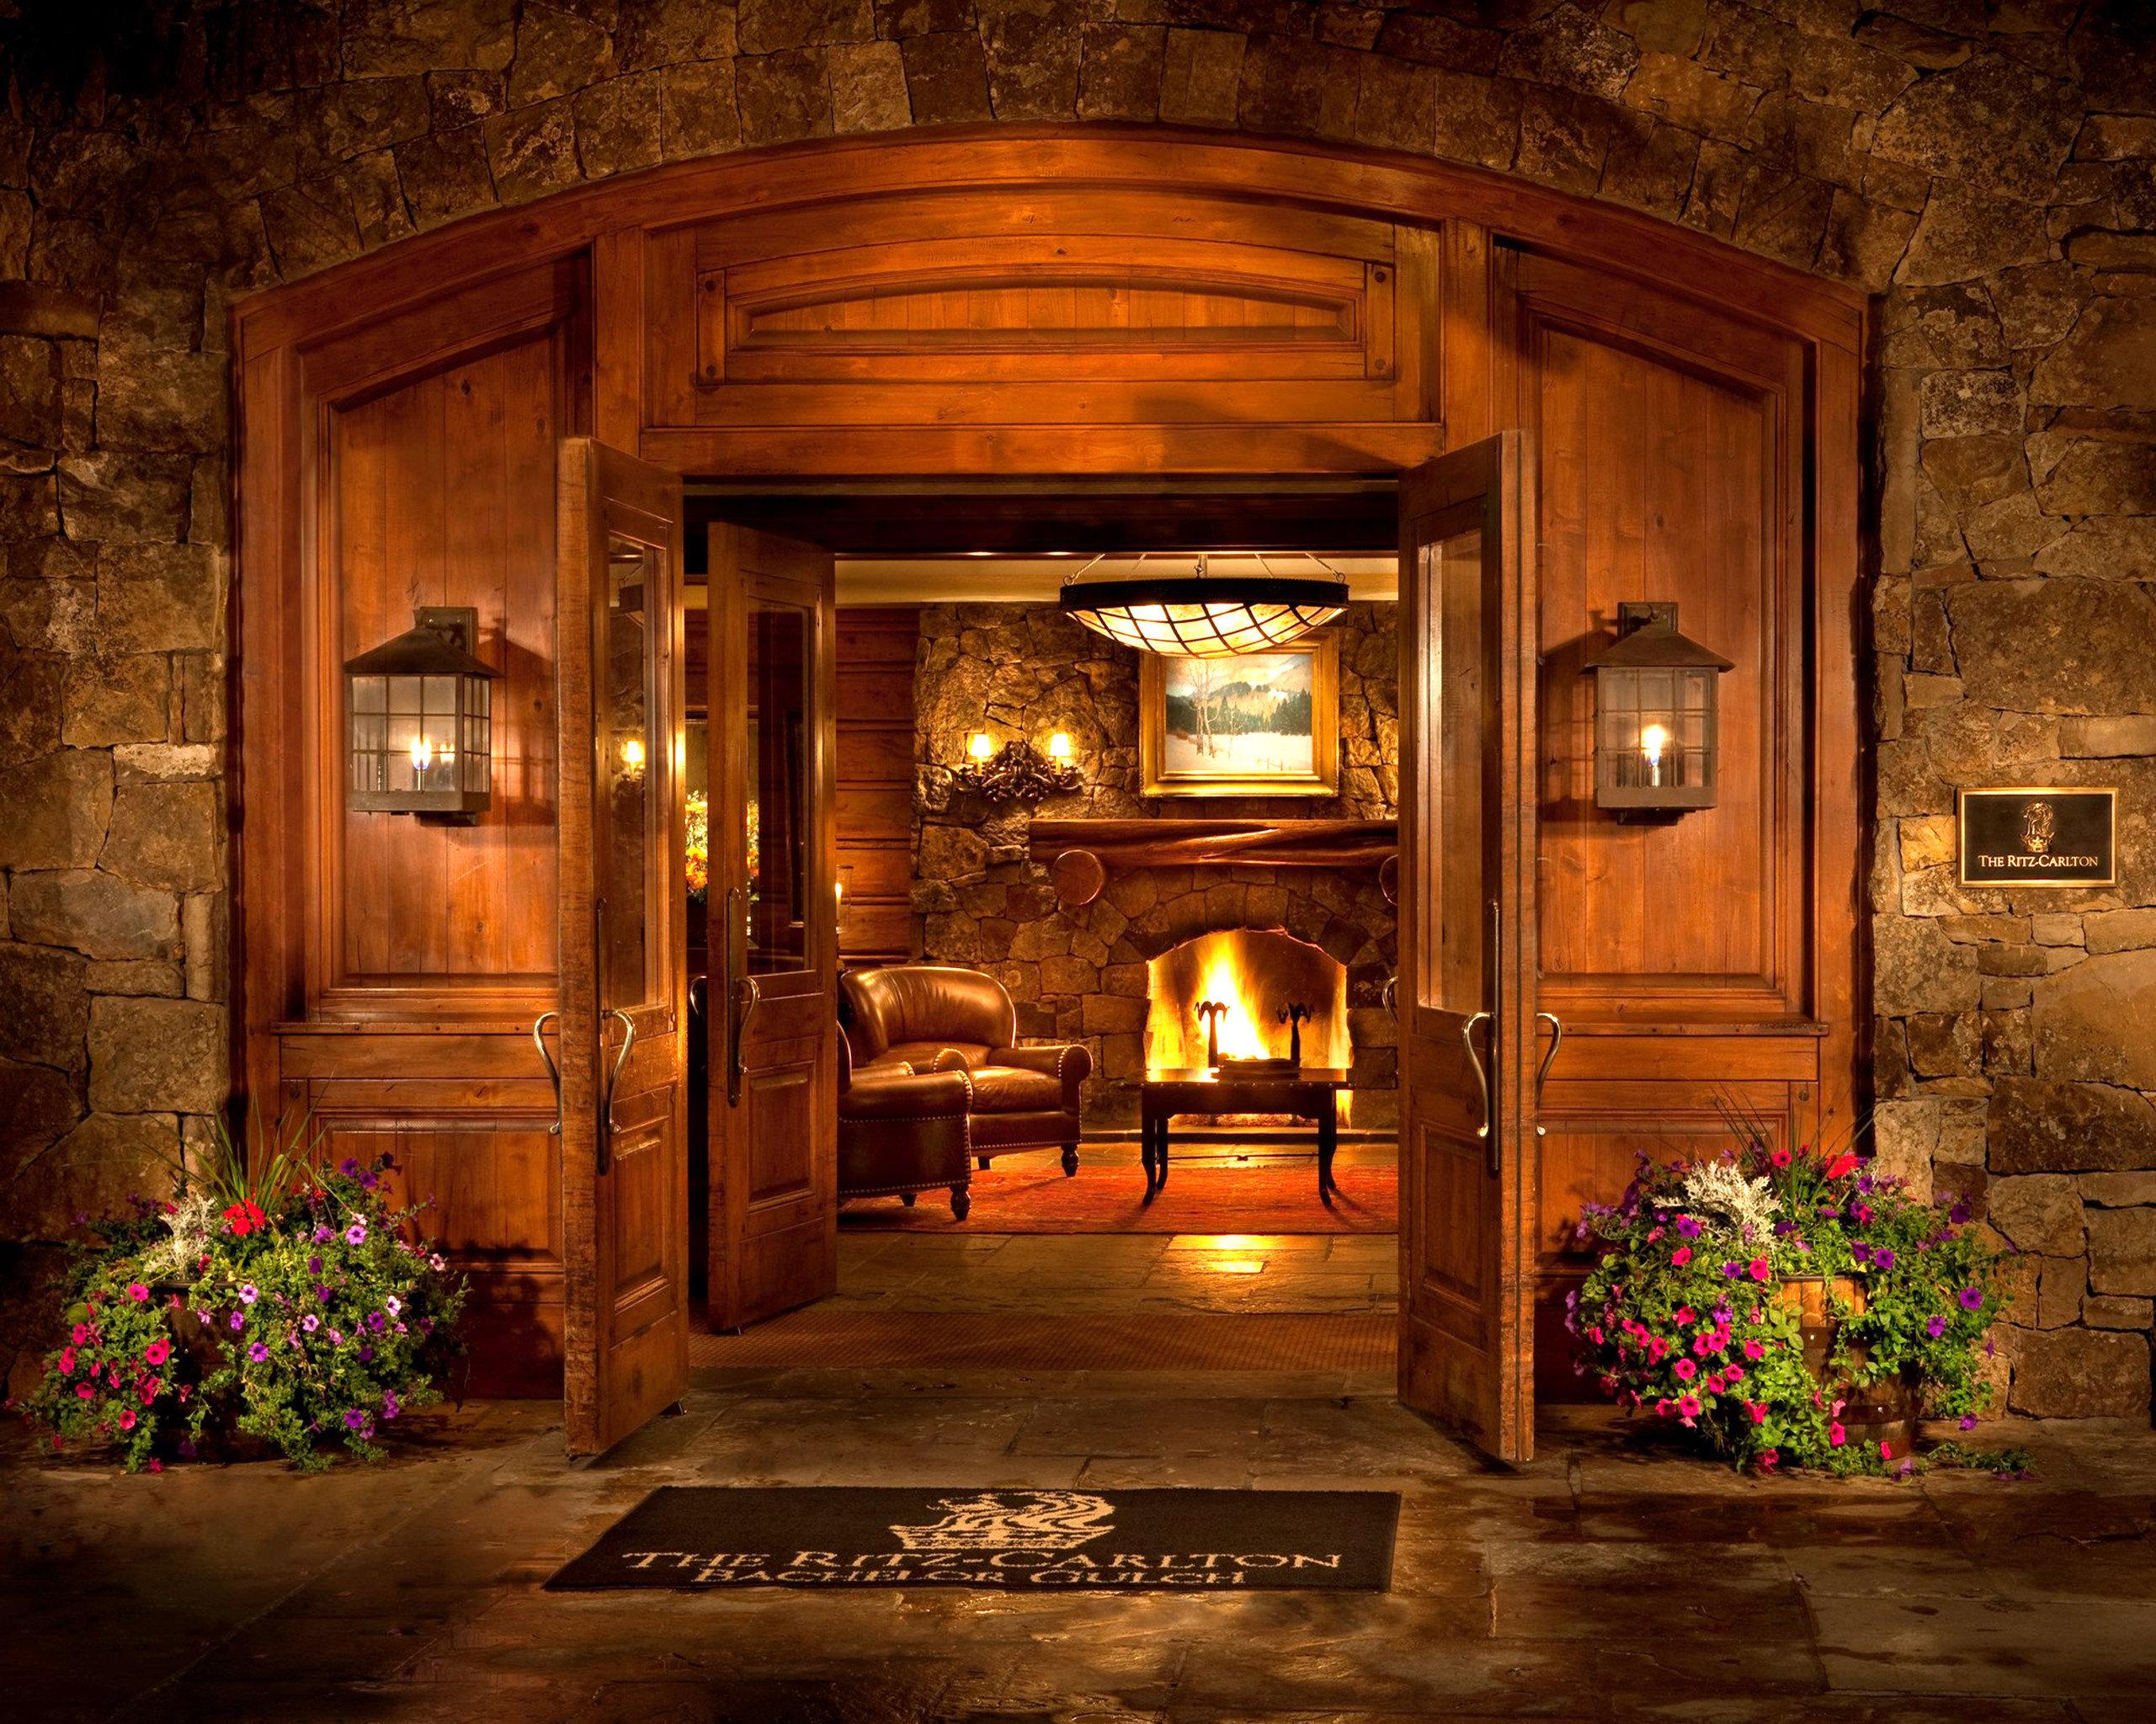 Fireplace Lounge Resort fire building house mansion home lighting screenshot landscape lighting log cabin living room stone